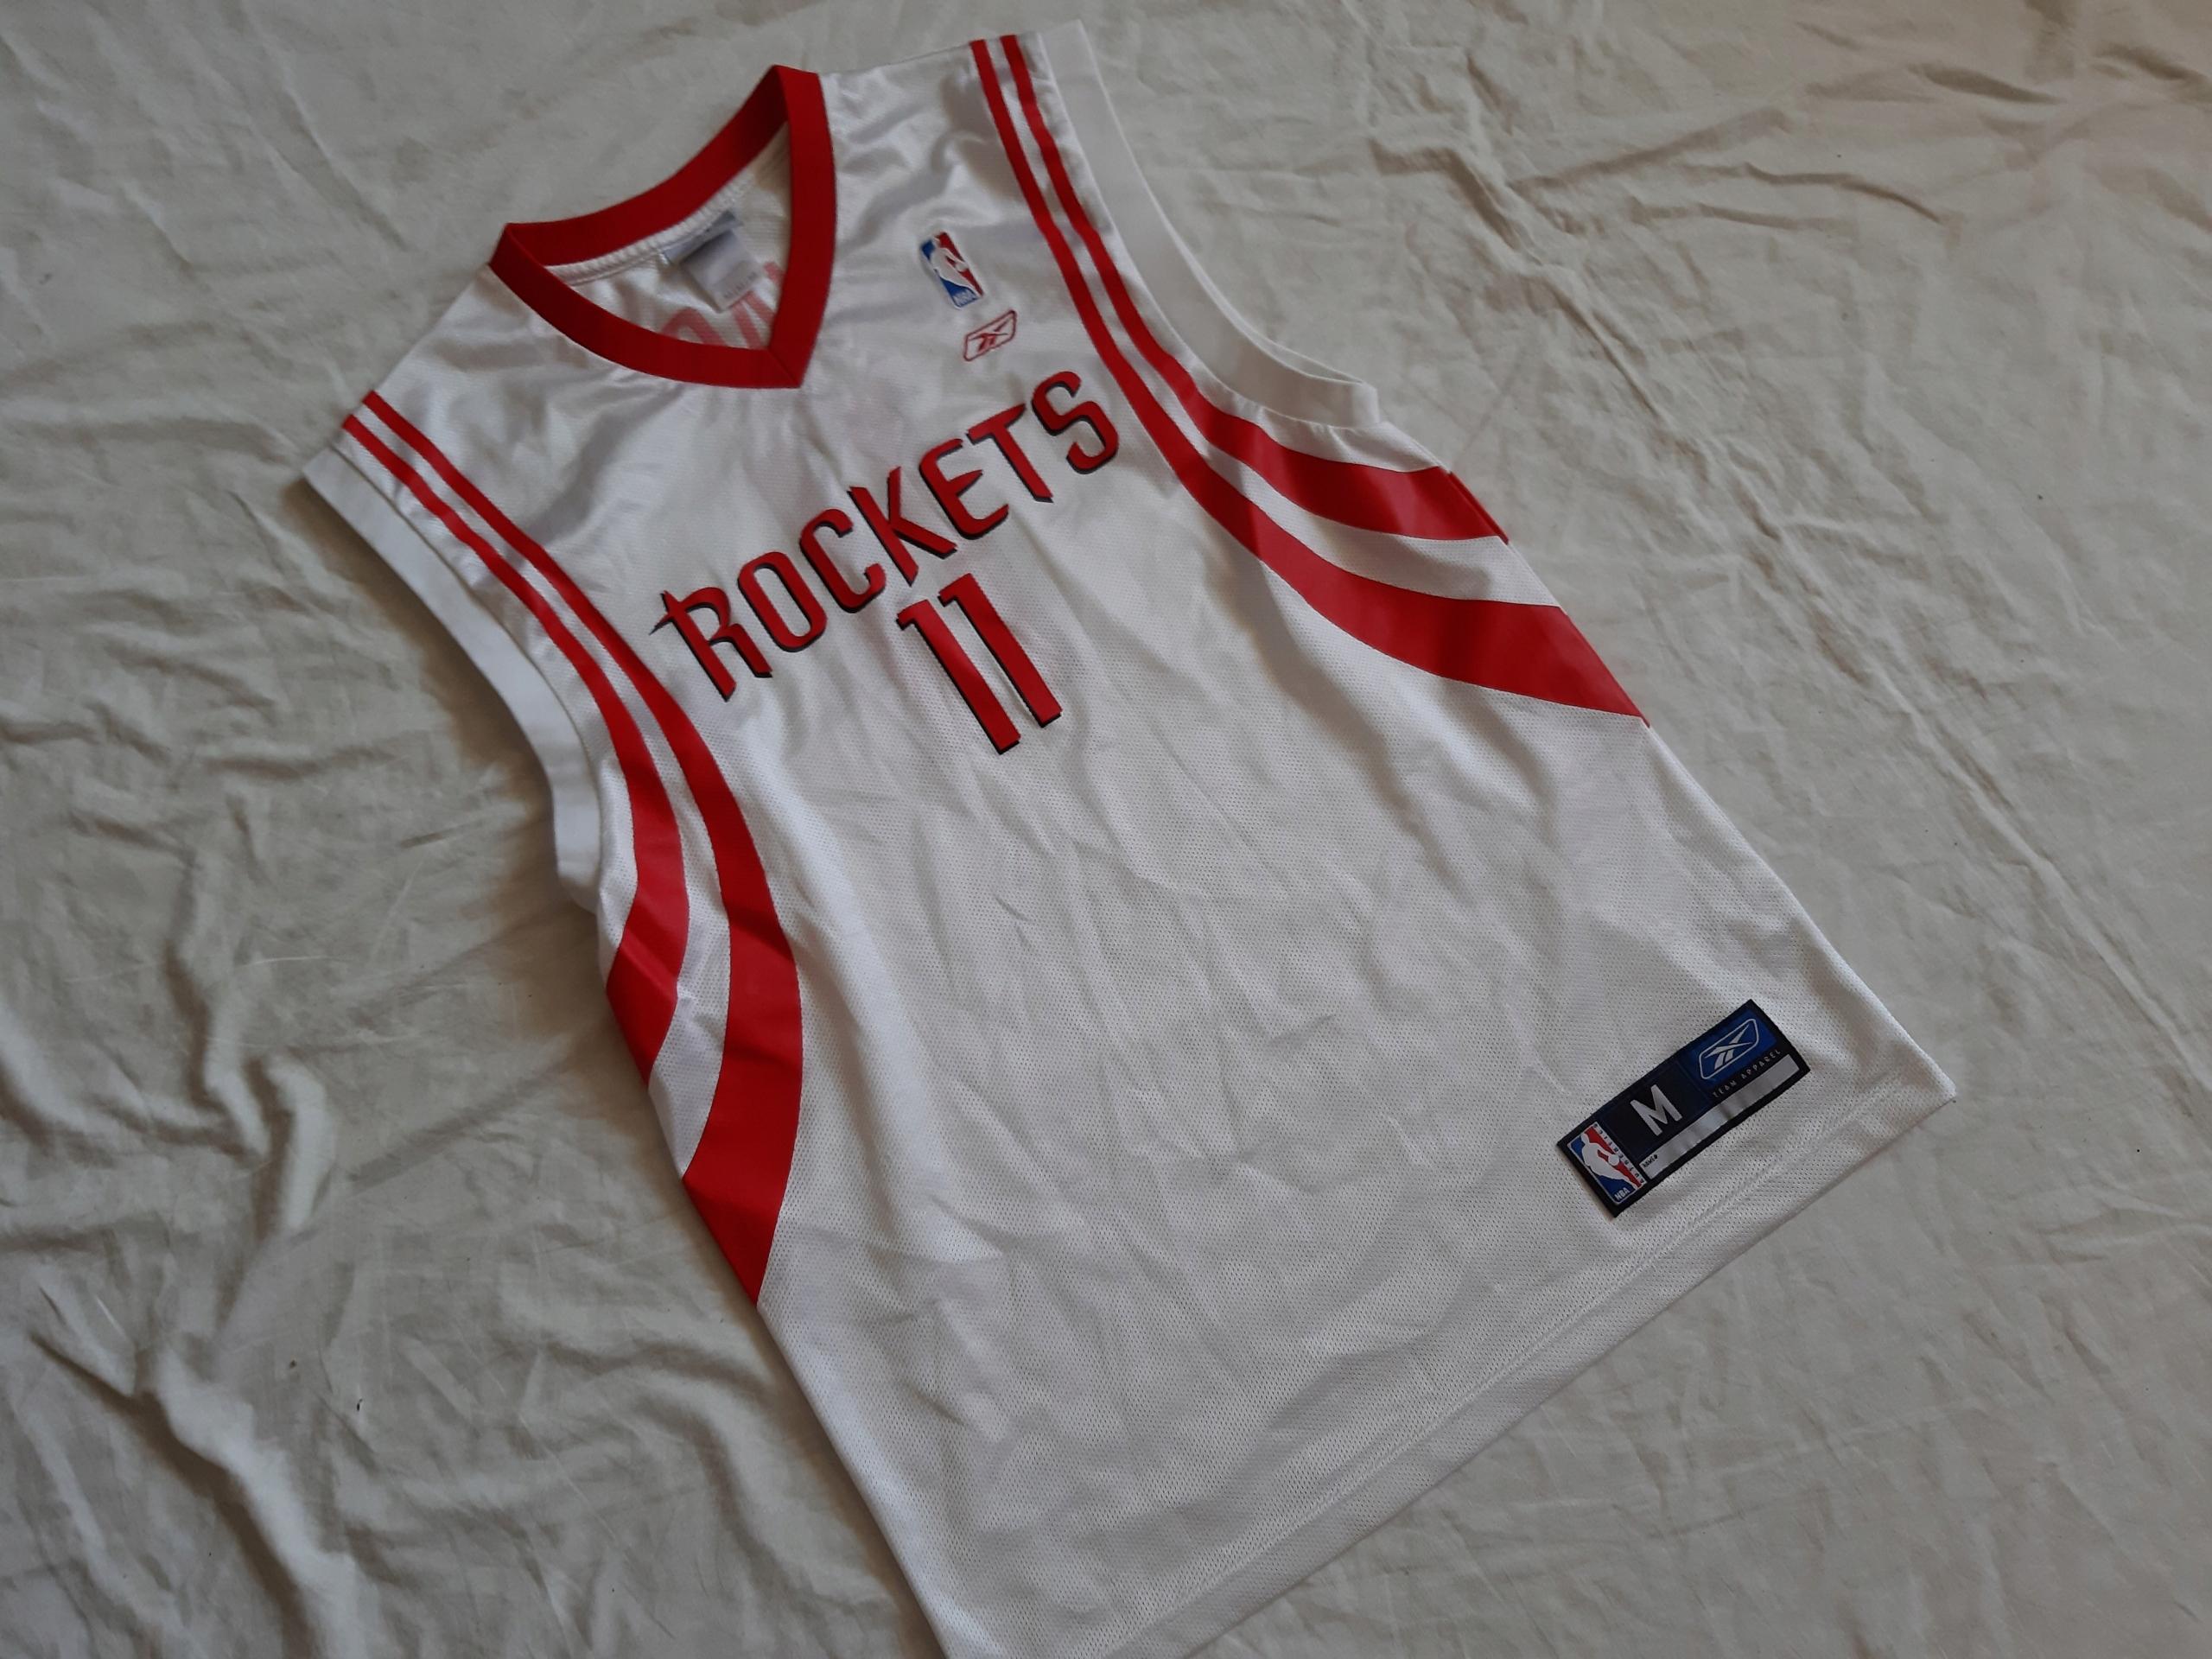 REEBOK ___NBA HOUSTN ROCKETS ___NR.11 YAO ___M